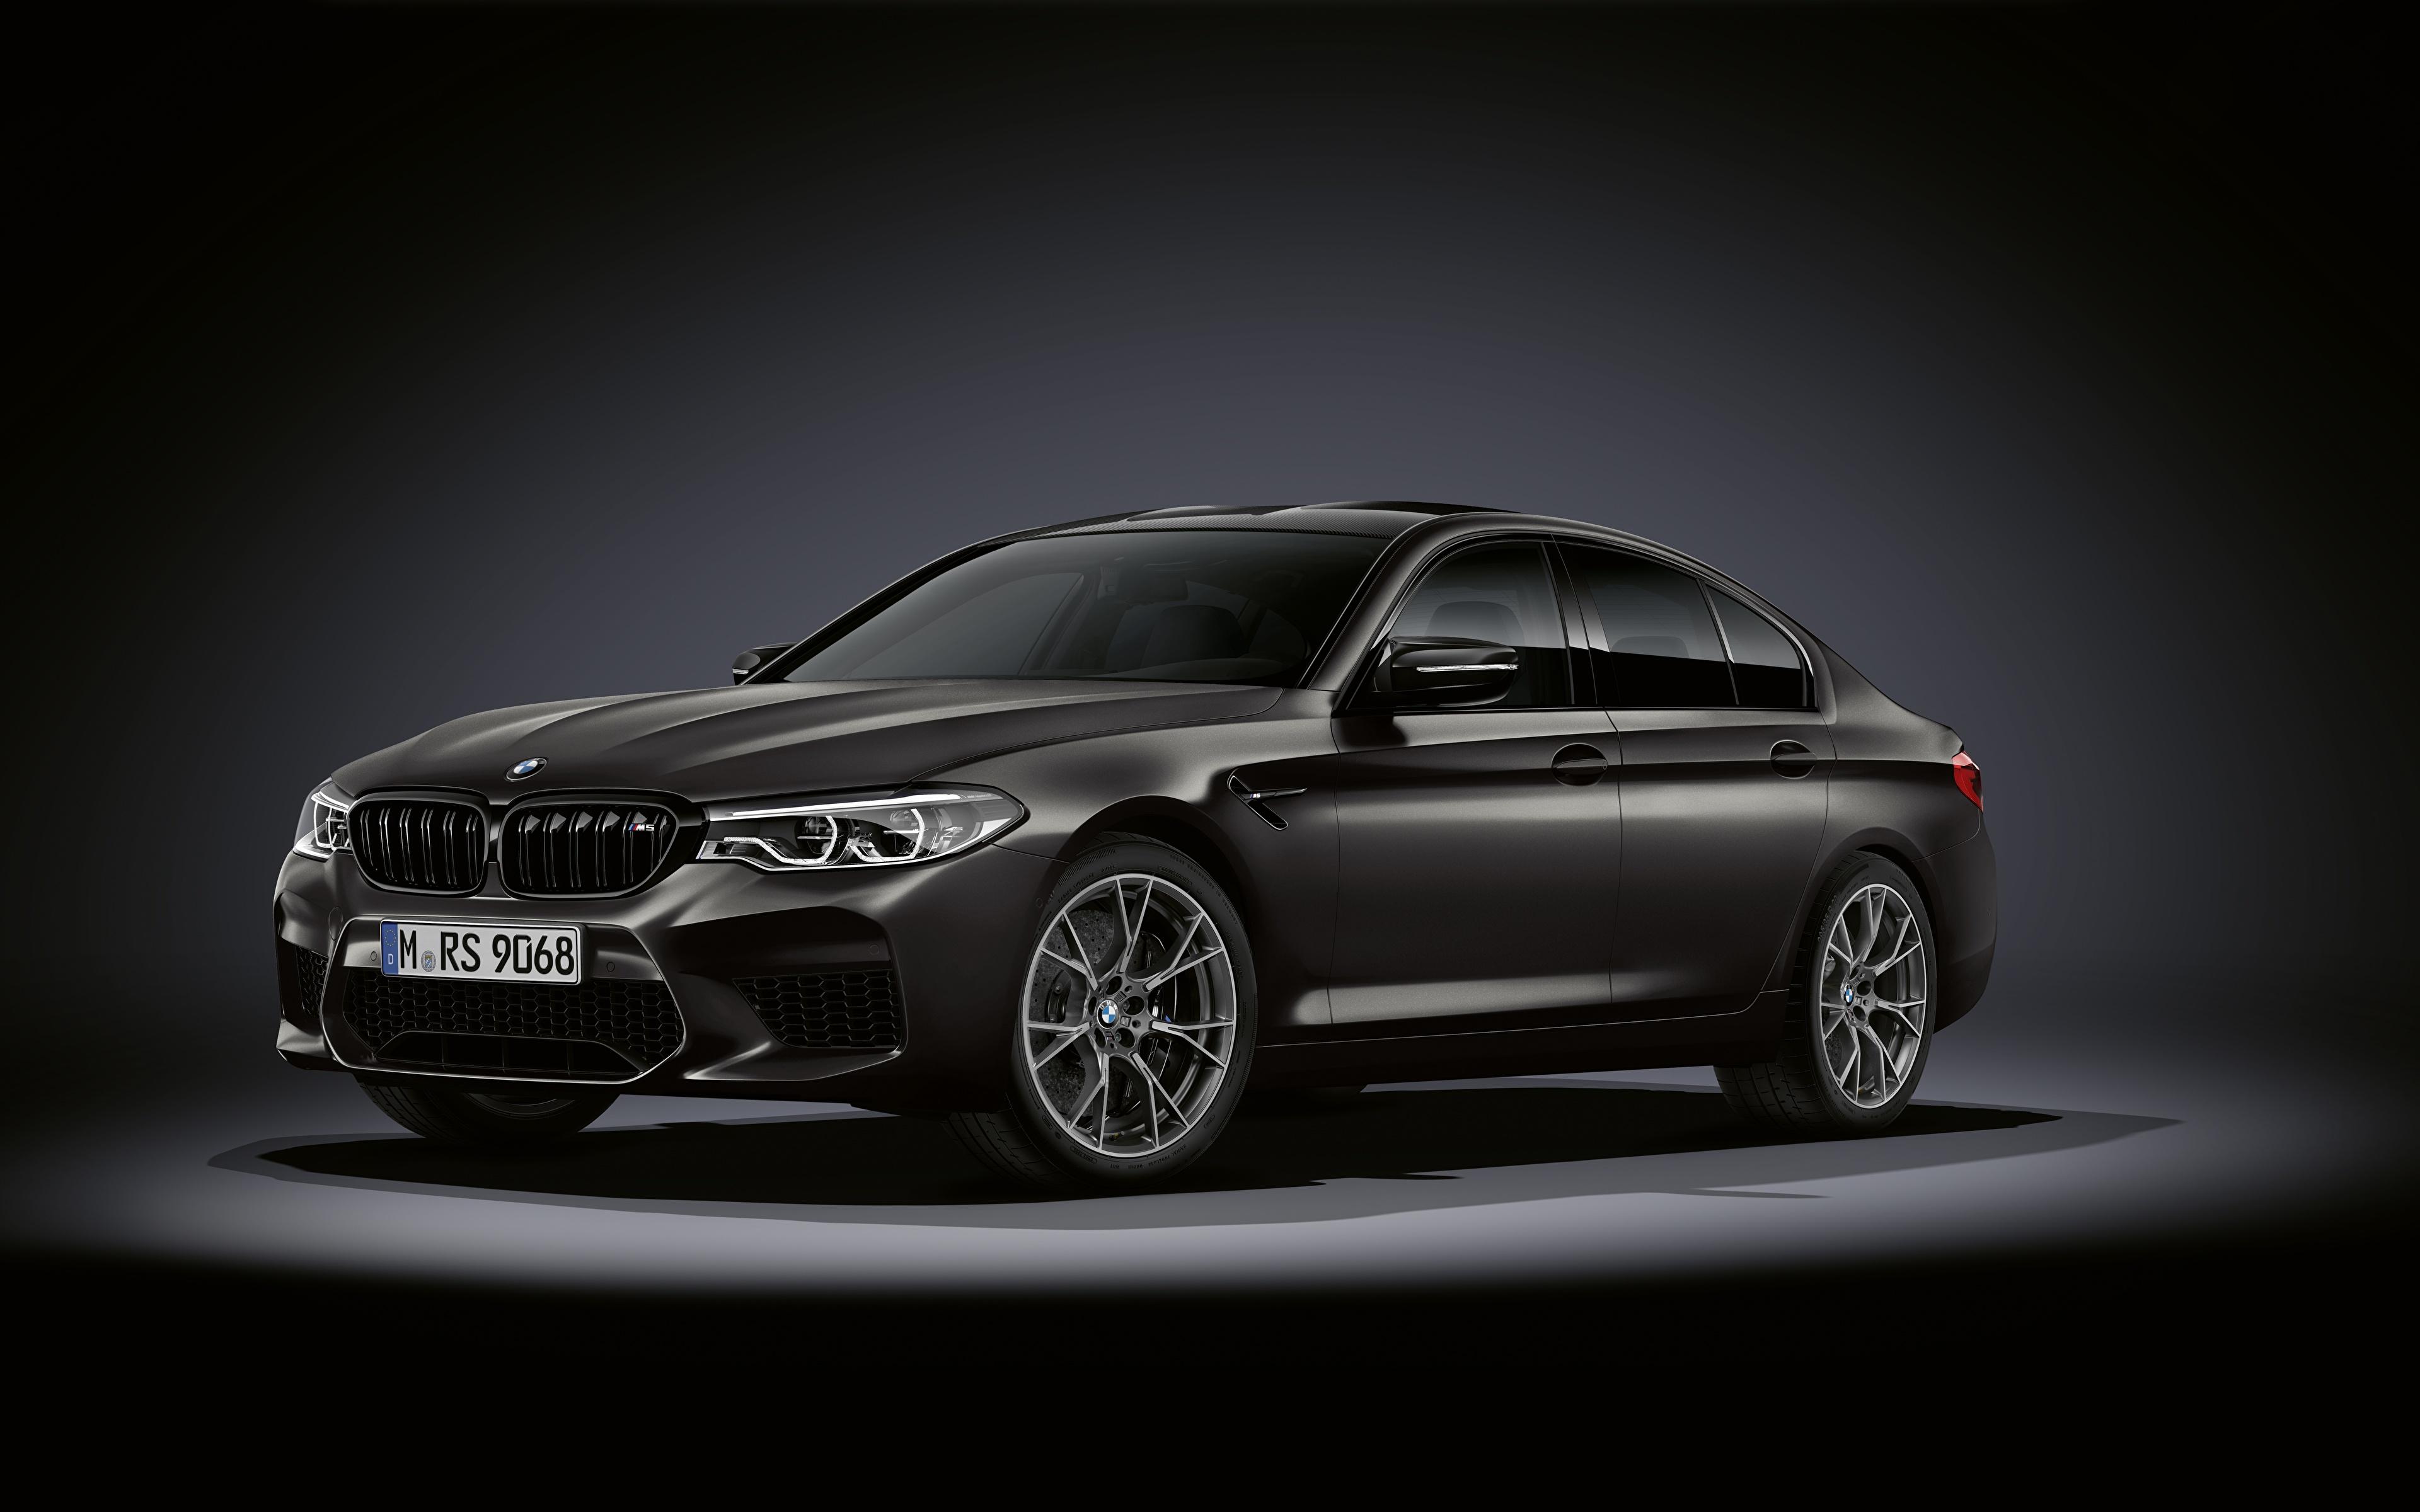 Фотография БМВ M5, F90, 2019, Edition 35 Years черная Автомобили 3840x2400 BMW Черный черные черных авто машины машина автомобиль